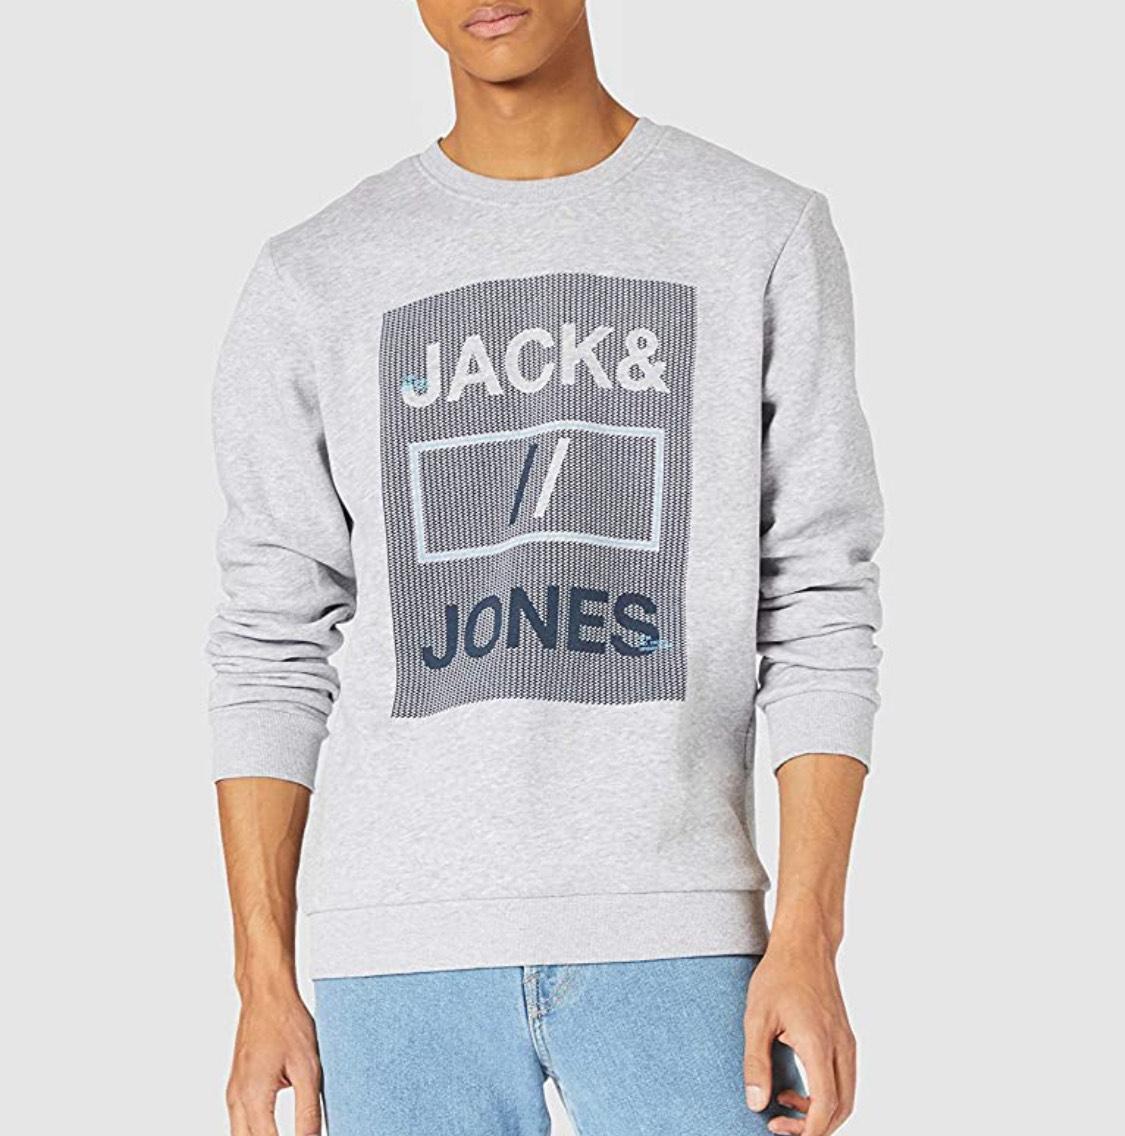 Sudadera gris claro Jack & Jones hombre talla M.